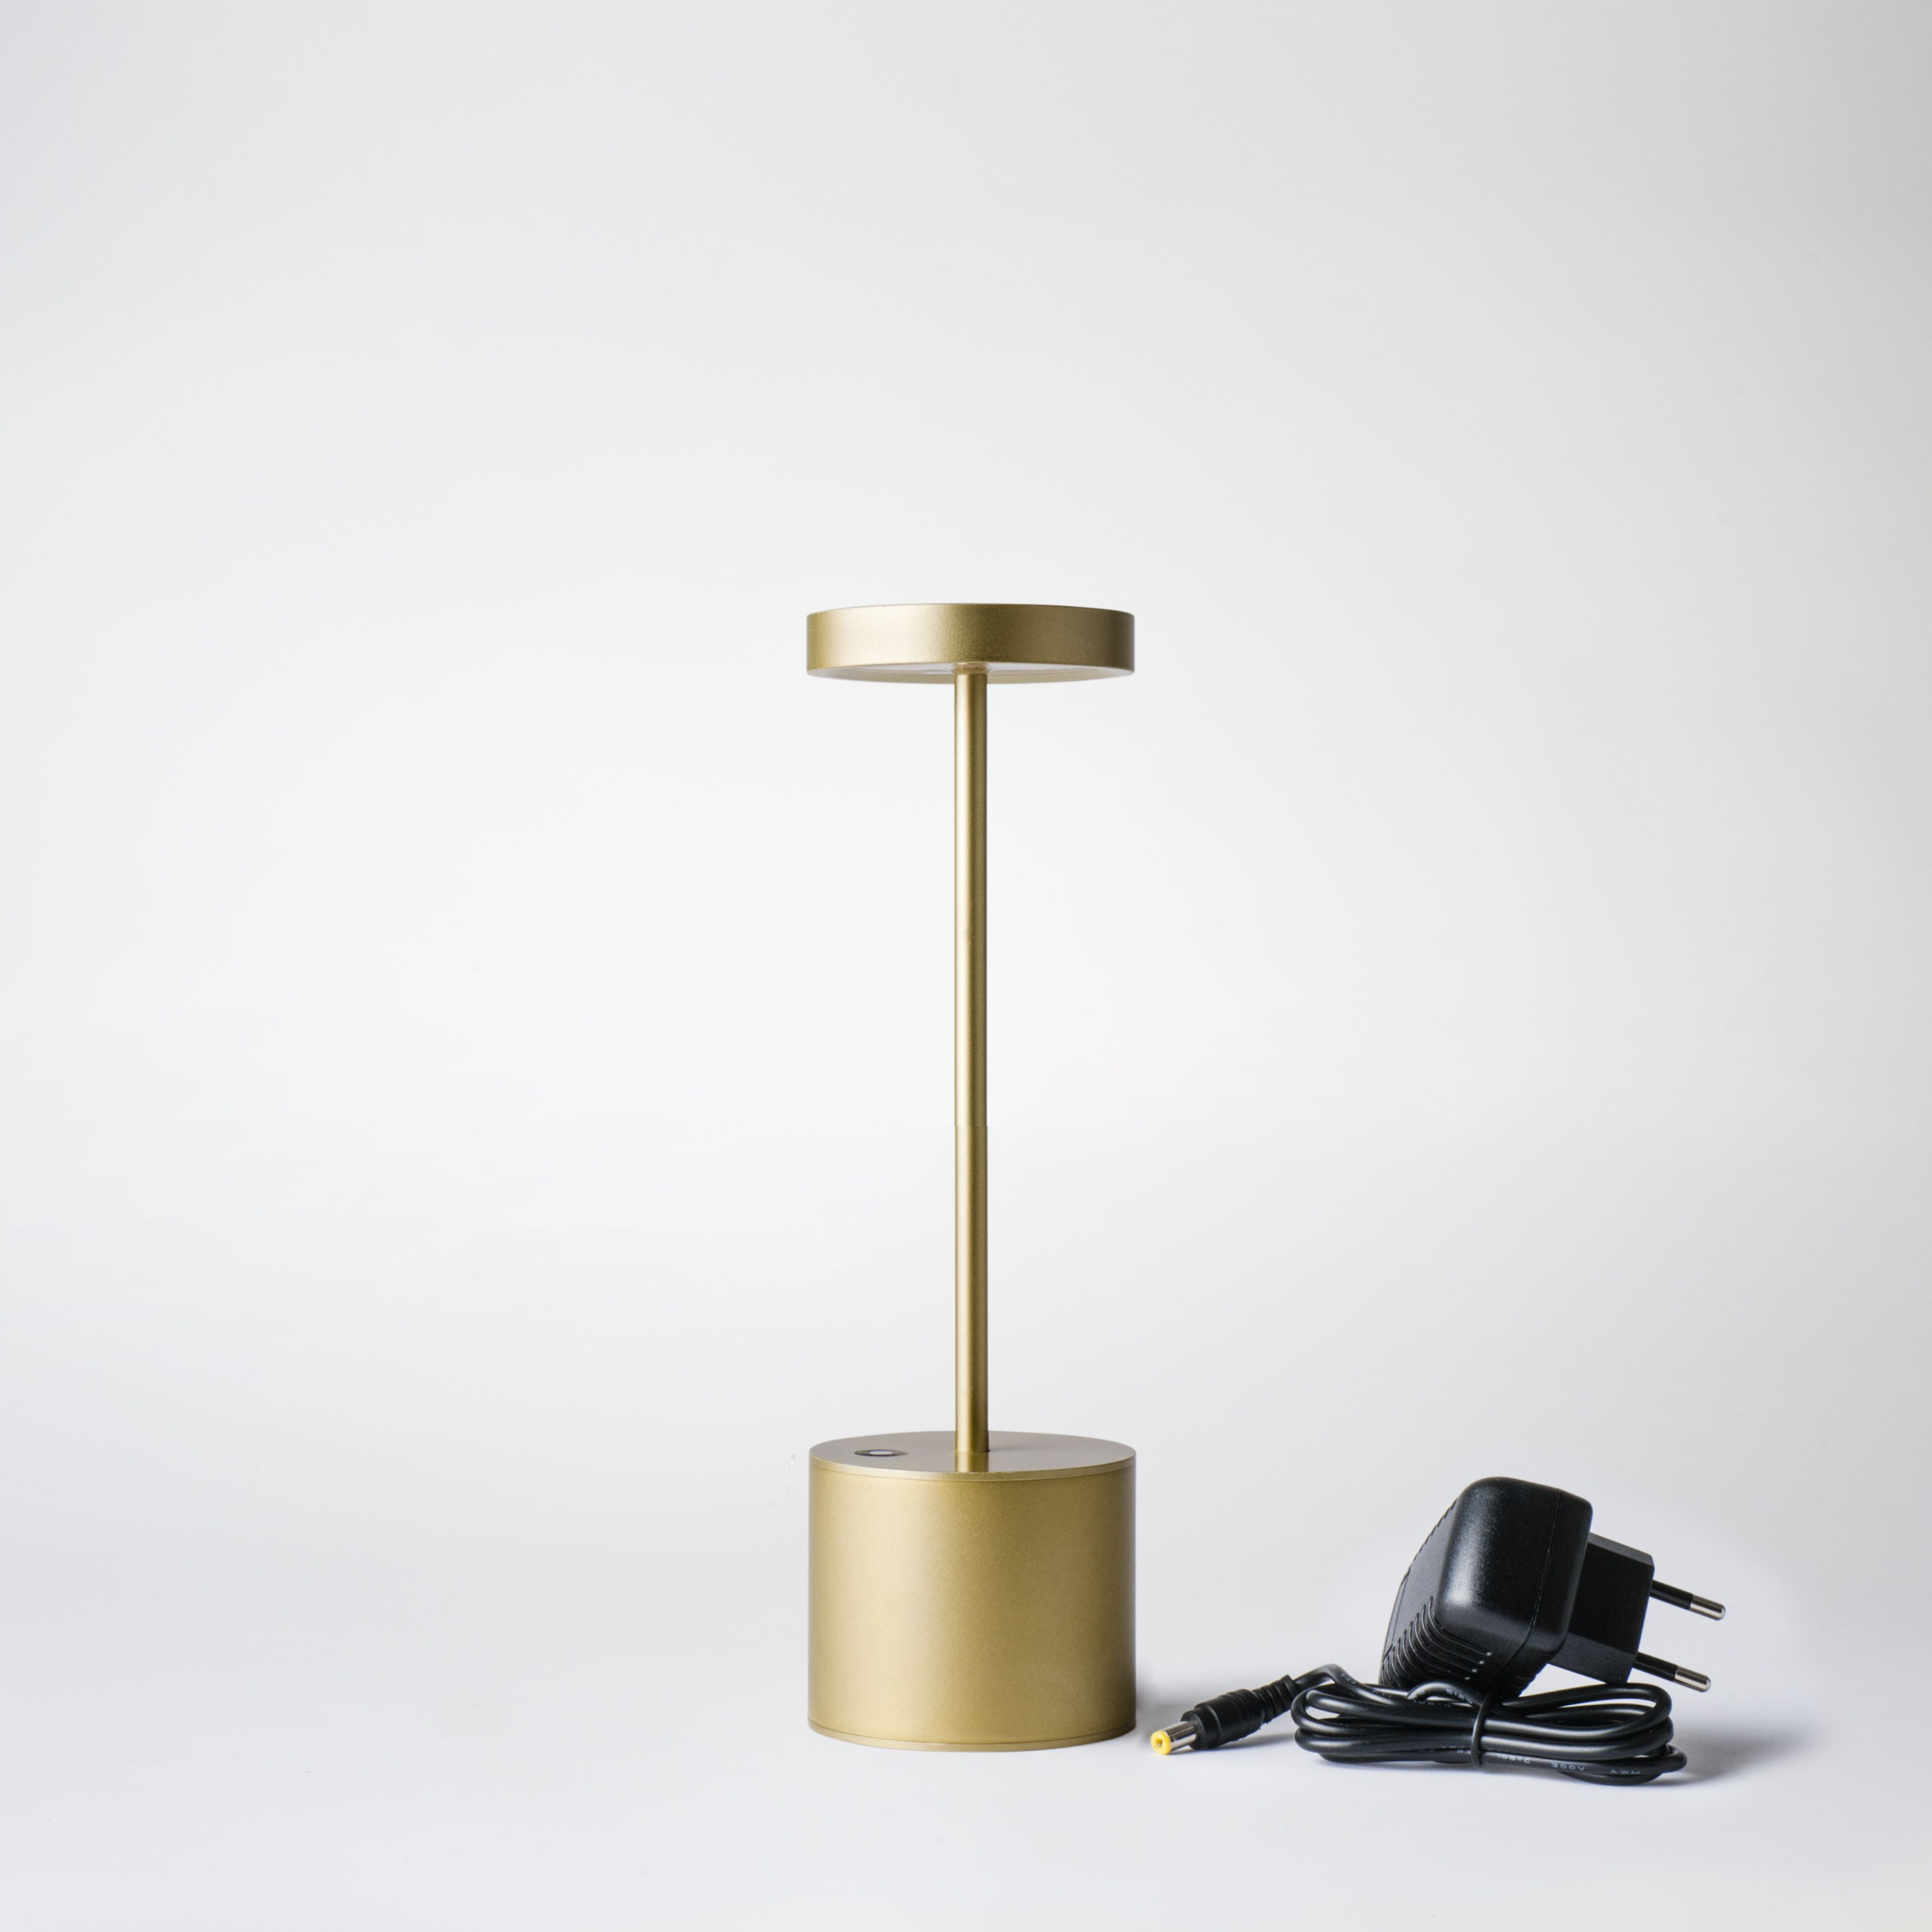 la luxciole est la plus puissante des lampes led autonomes economique gr ce sa source led. Black Bedroom Furniture Sets. Home Design Ideas